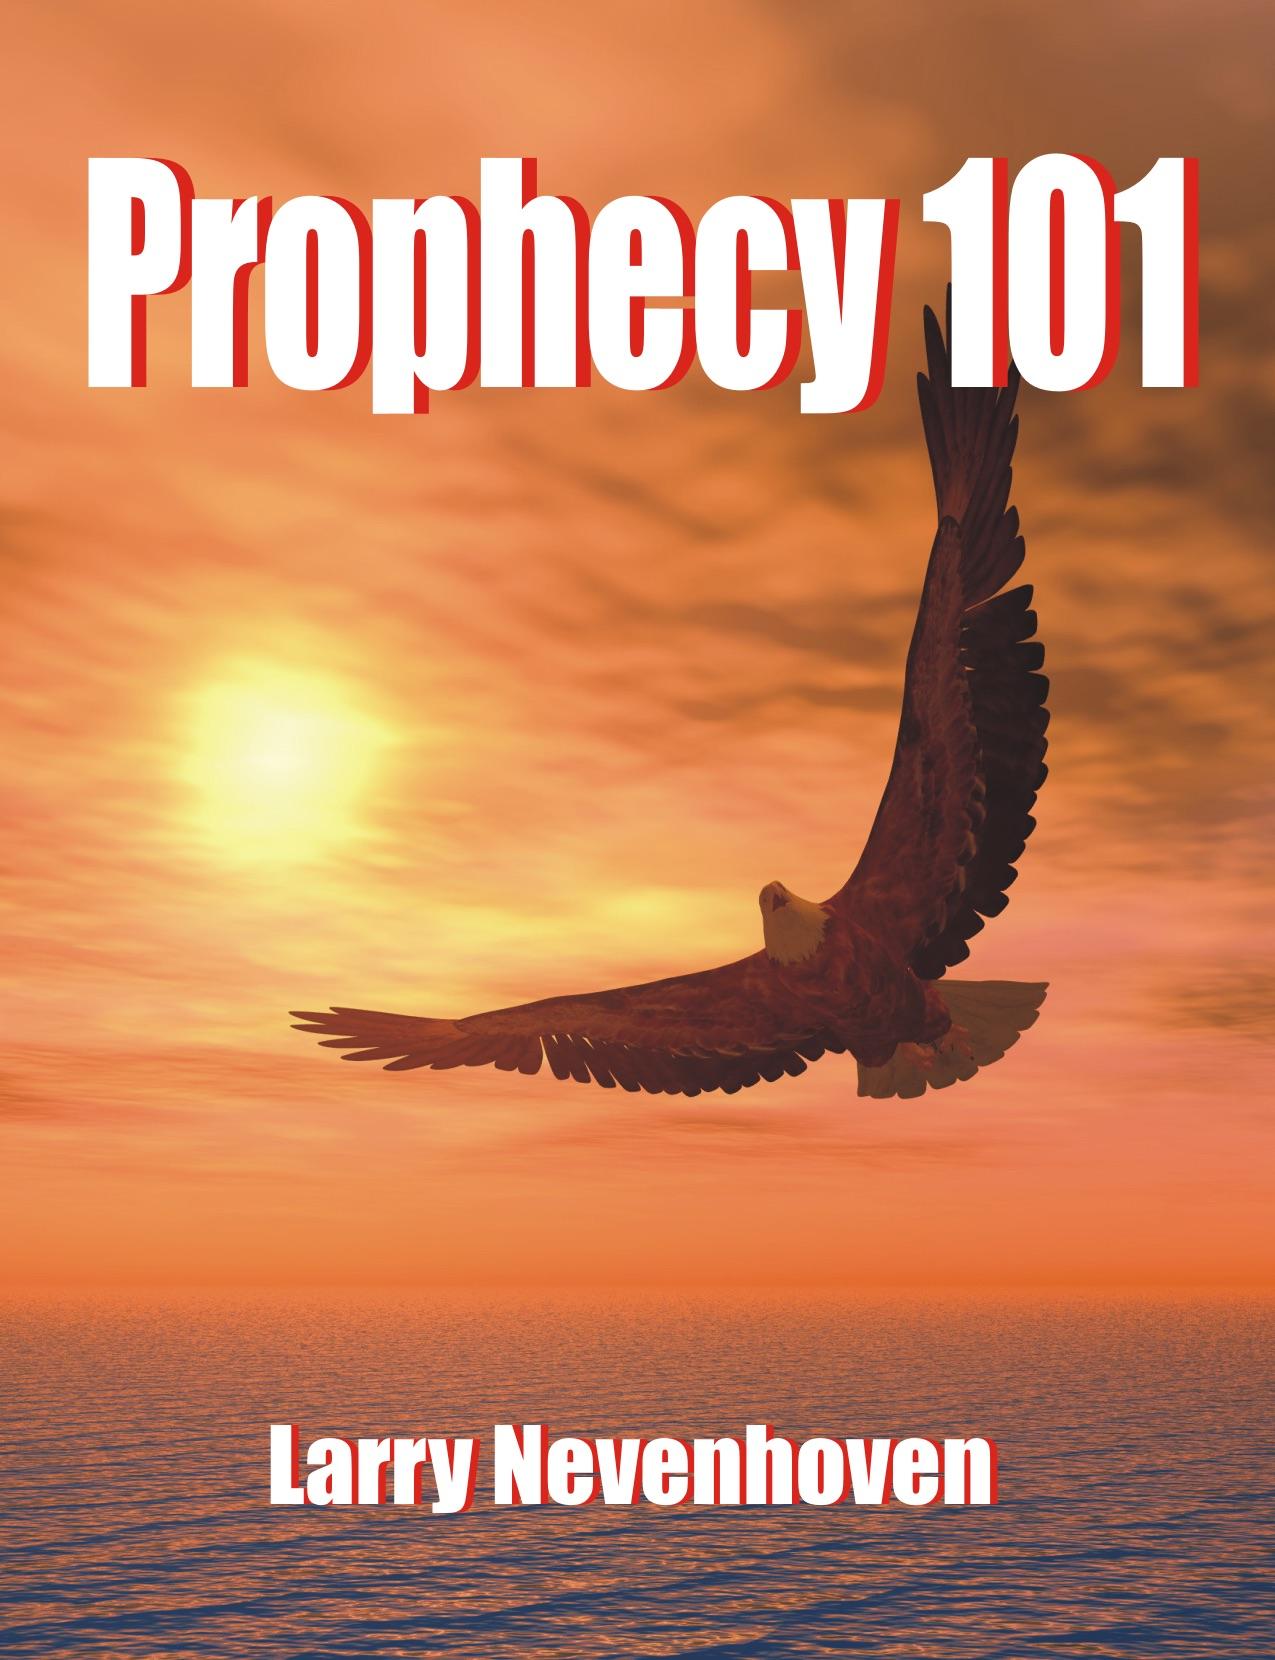 Prophecy 101 cc copy